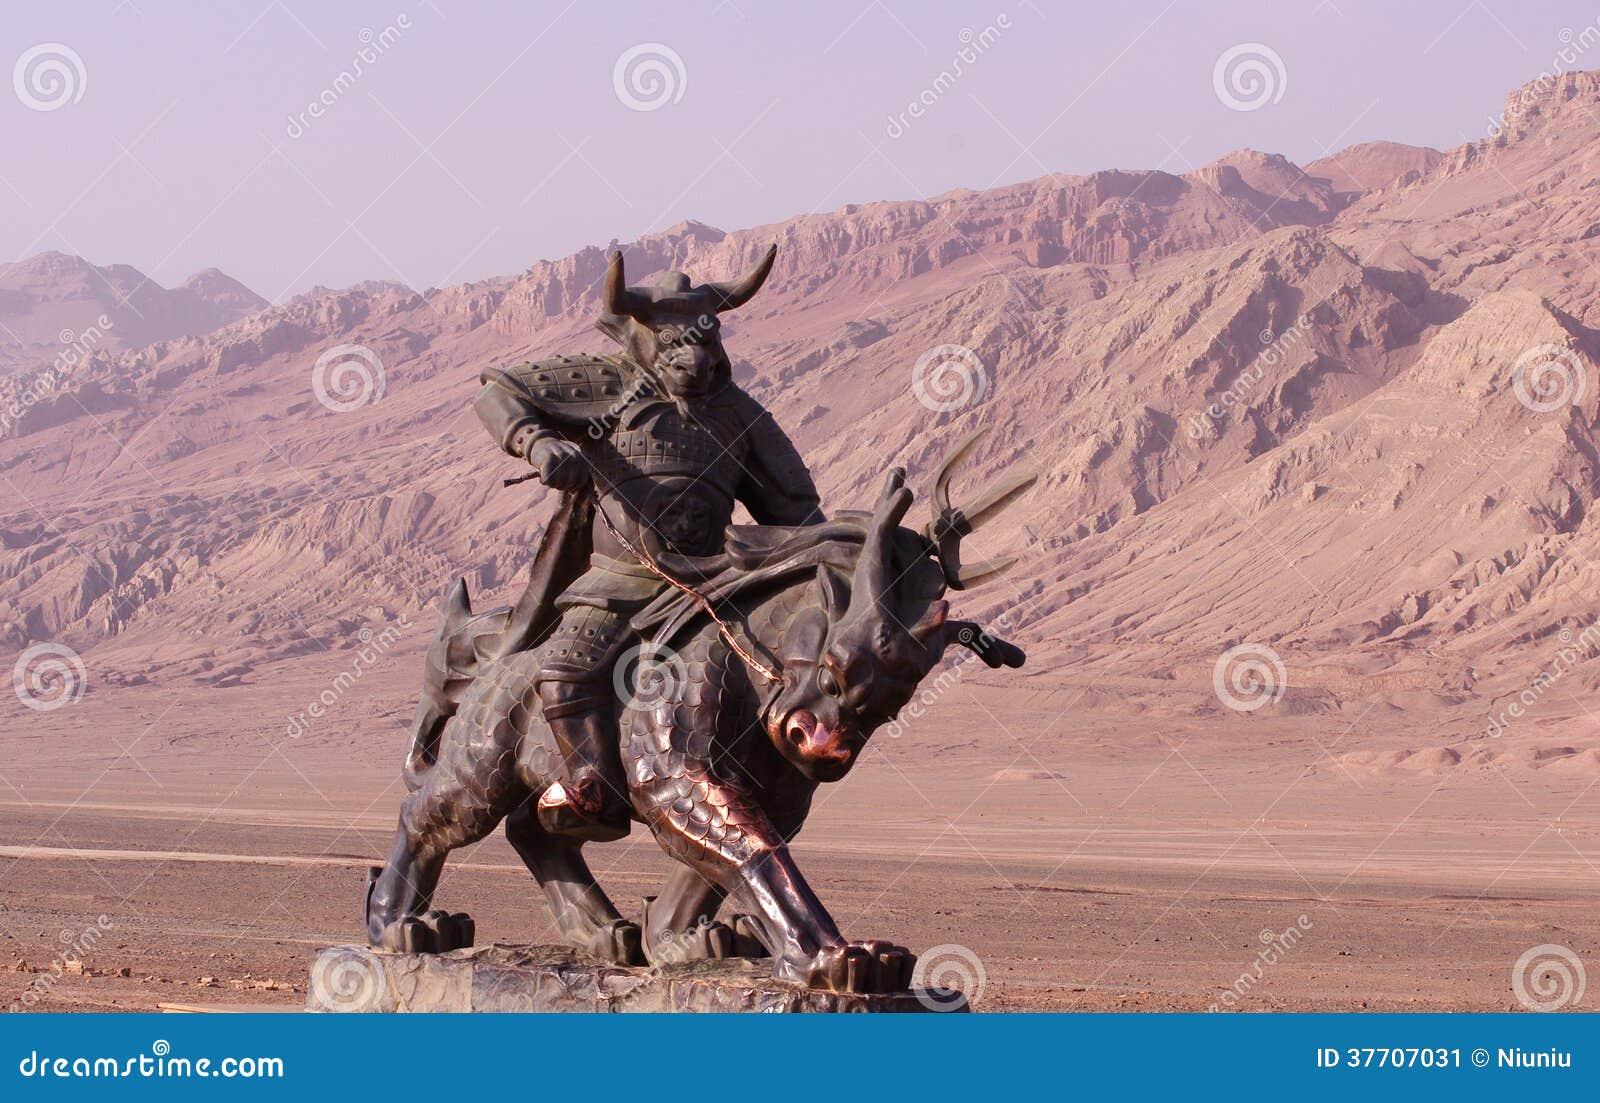 bull devil demon of - photo #6